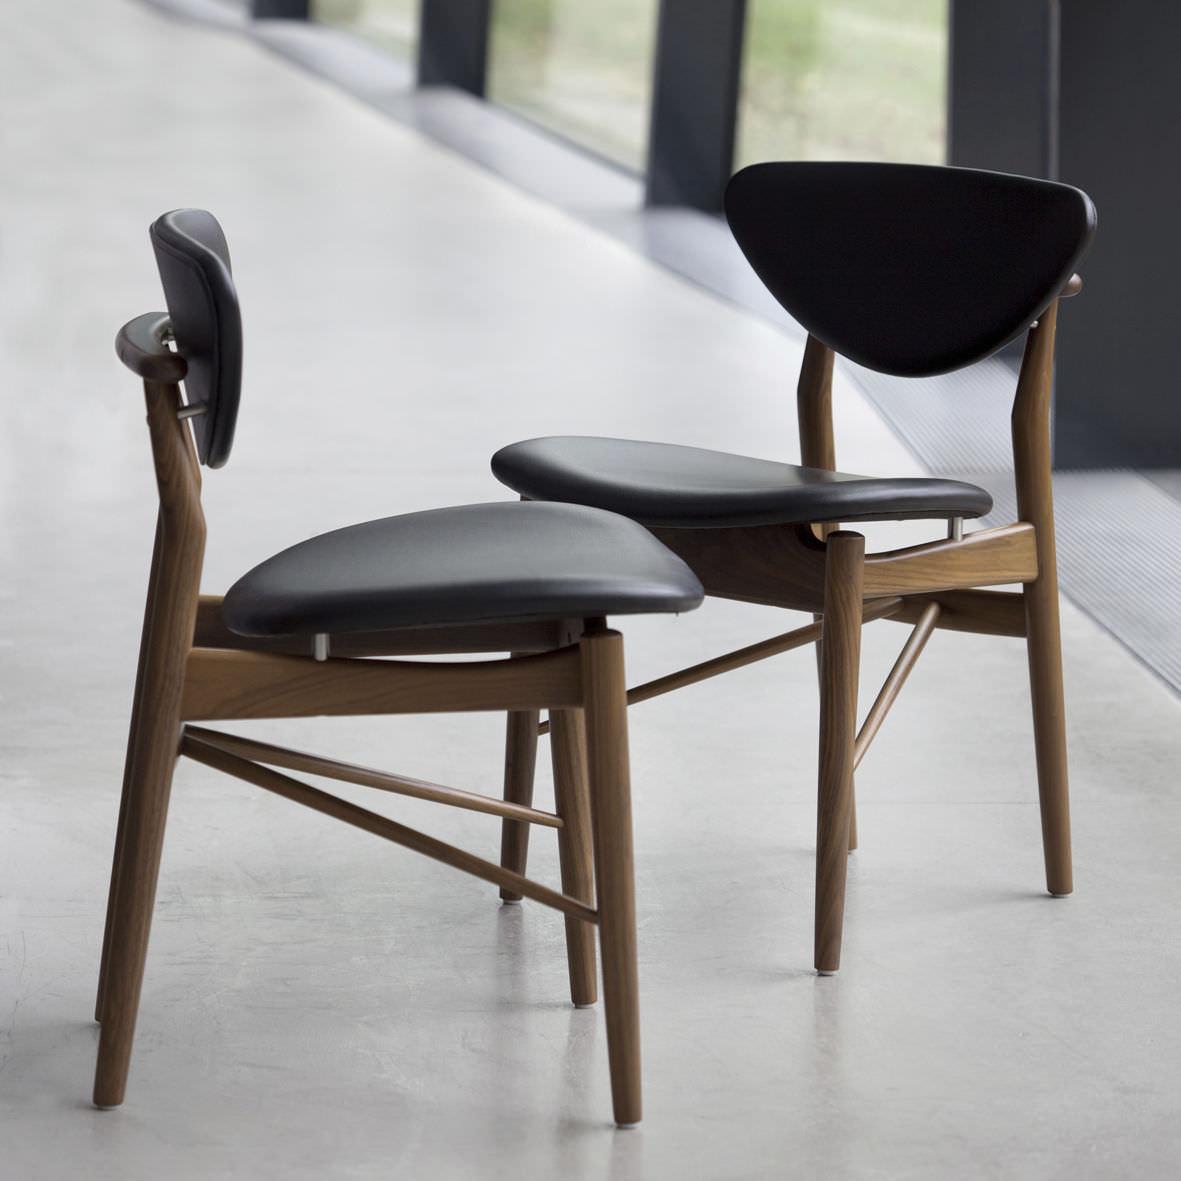 ... Stuhl / Skandinavisches Design / Polster / Stoff / Aus Eiche ...